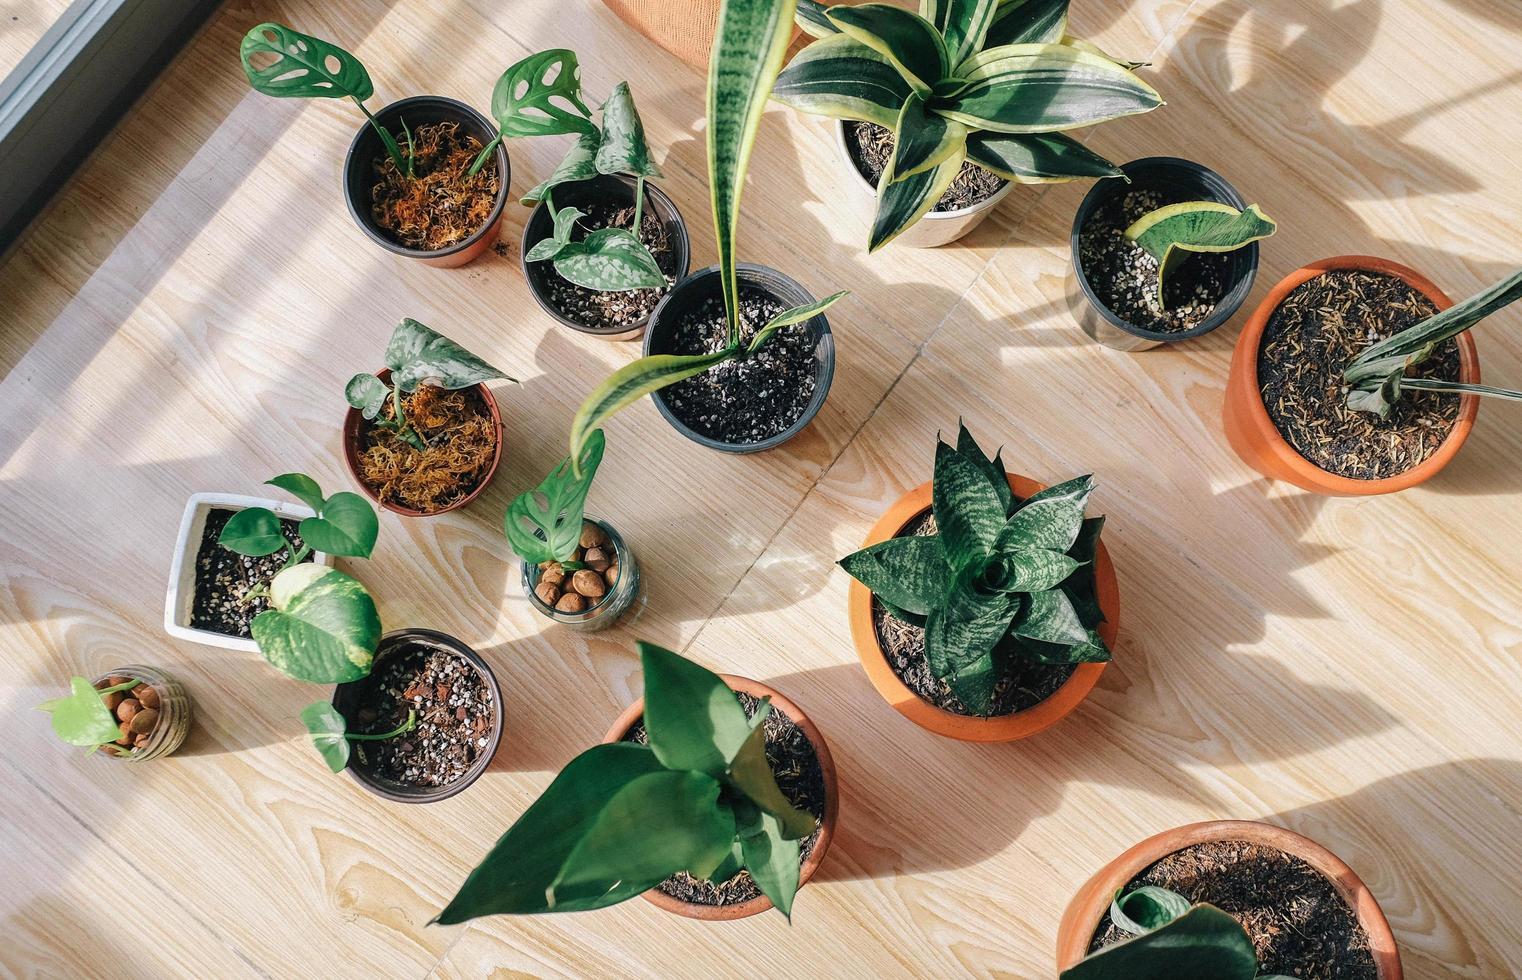 vue de dessus des plantes en pot photo